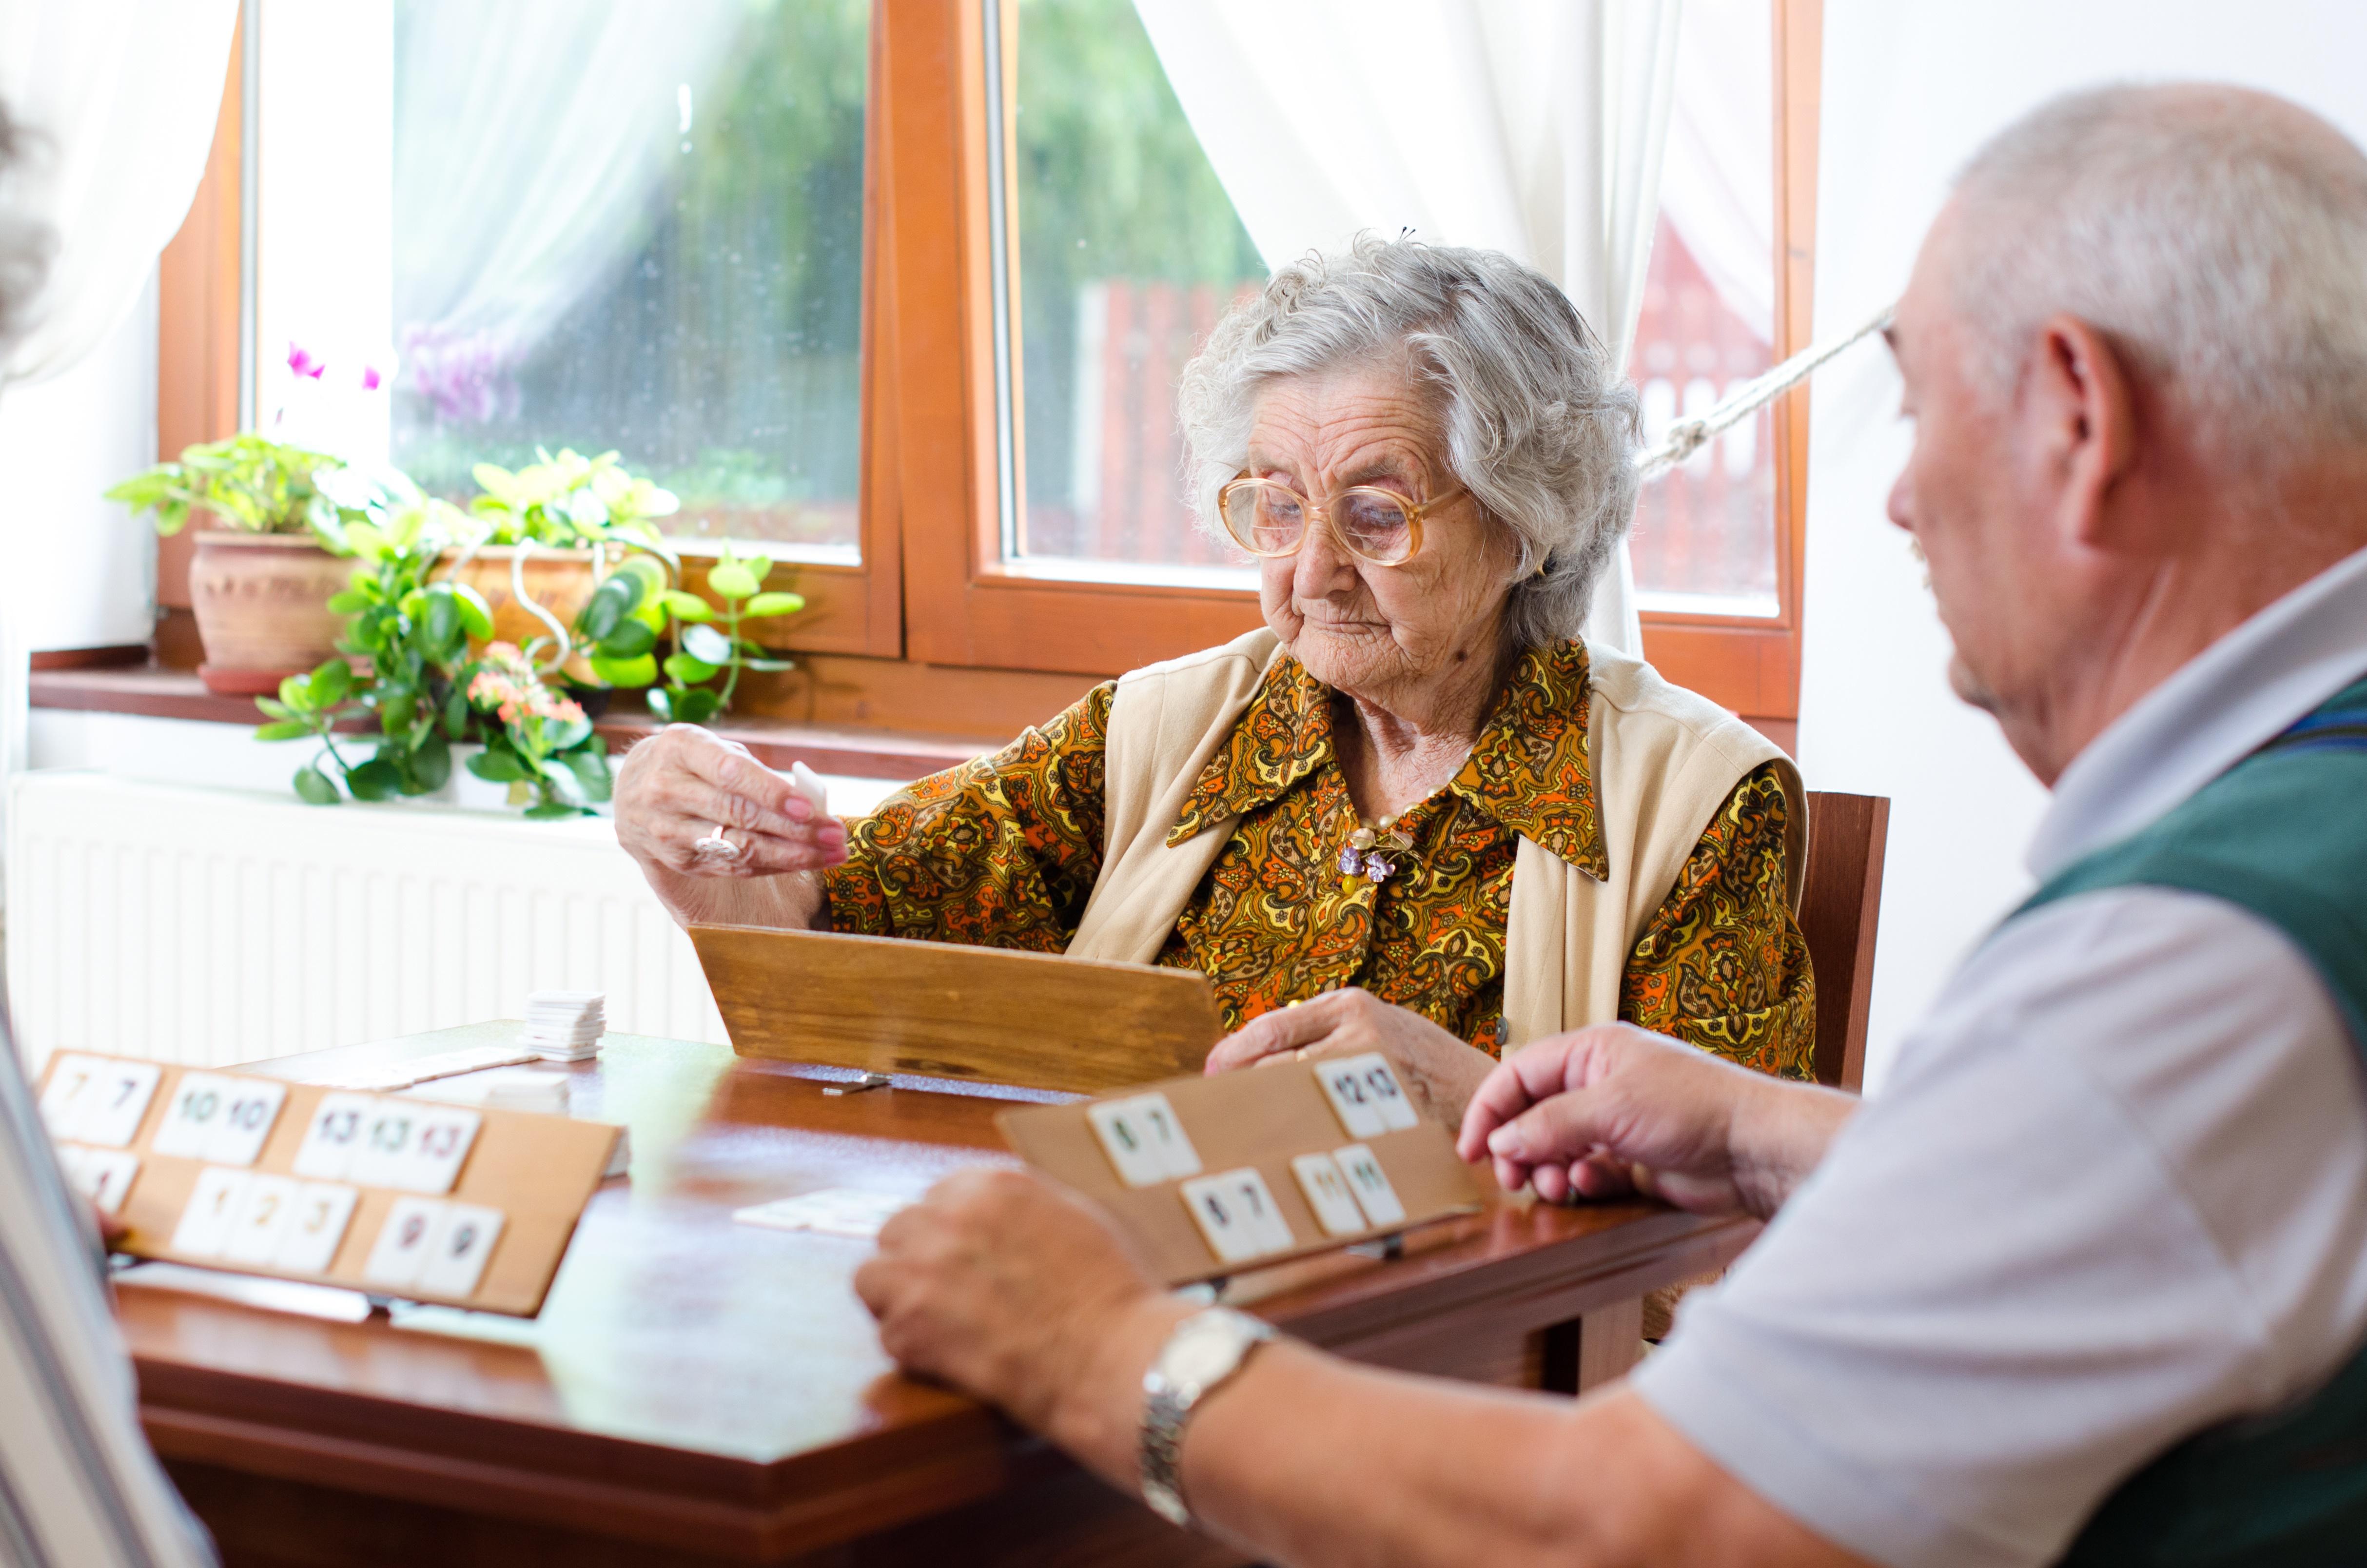 Aangepast-spel-dementie